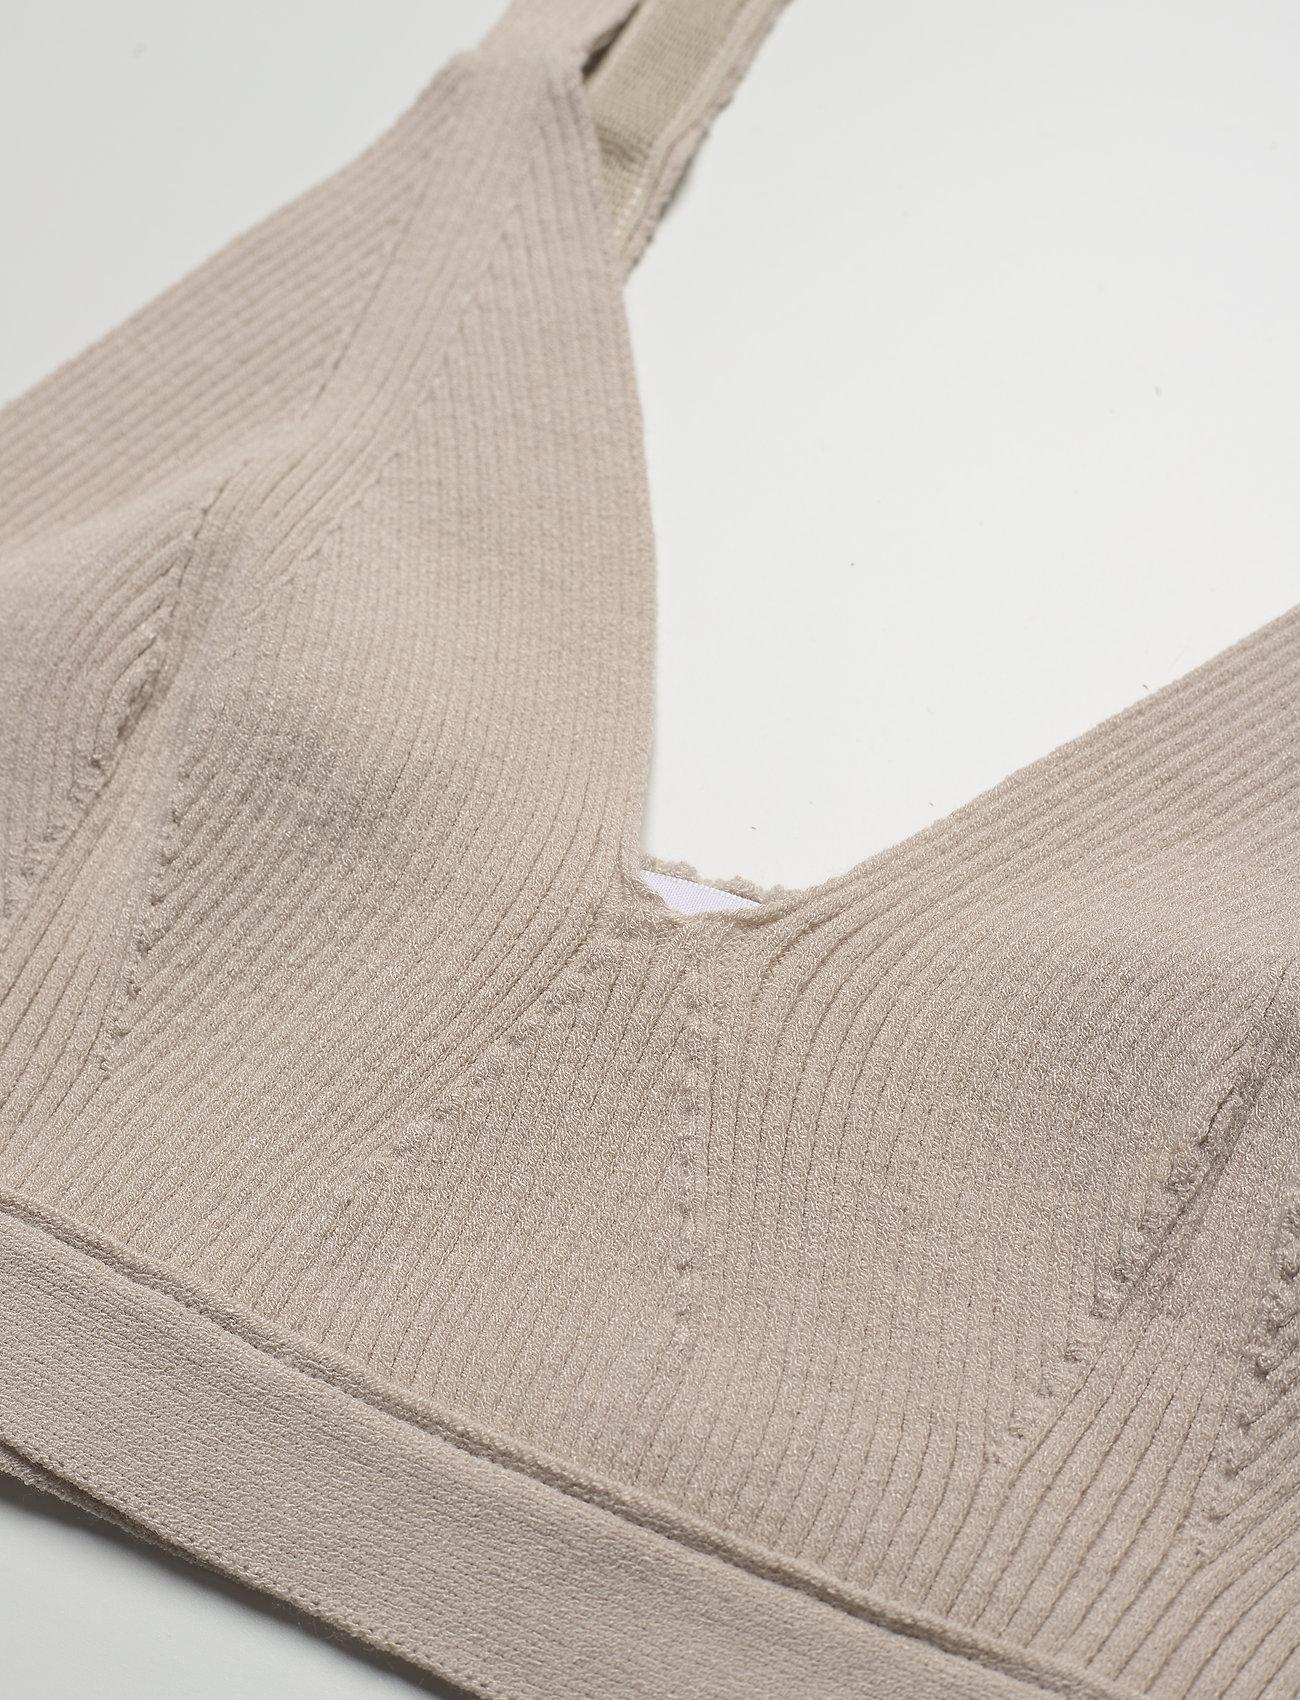 REMAIN Birger Christensen - Gunilla Bra - crop tops - pumice stone - 2